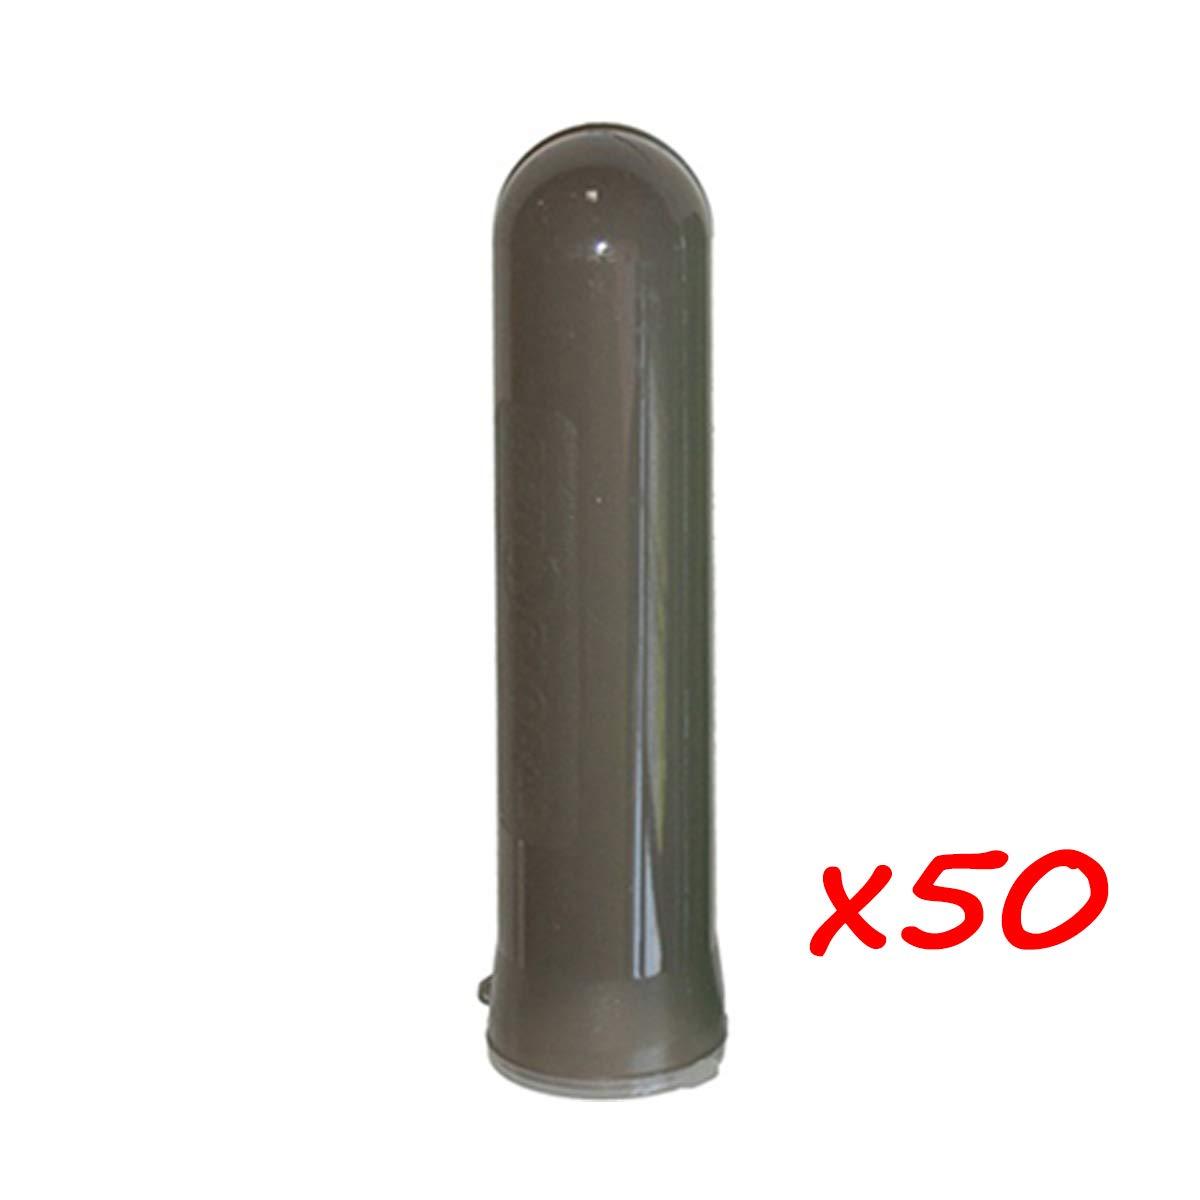 GxG Paintball 140 Round Pod - Smoke - 50 Pack